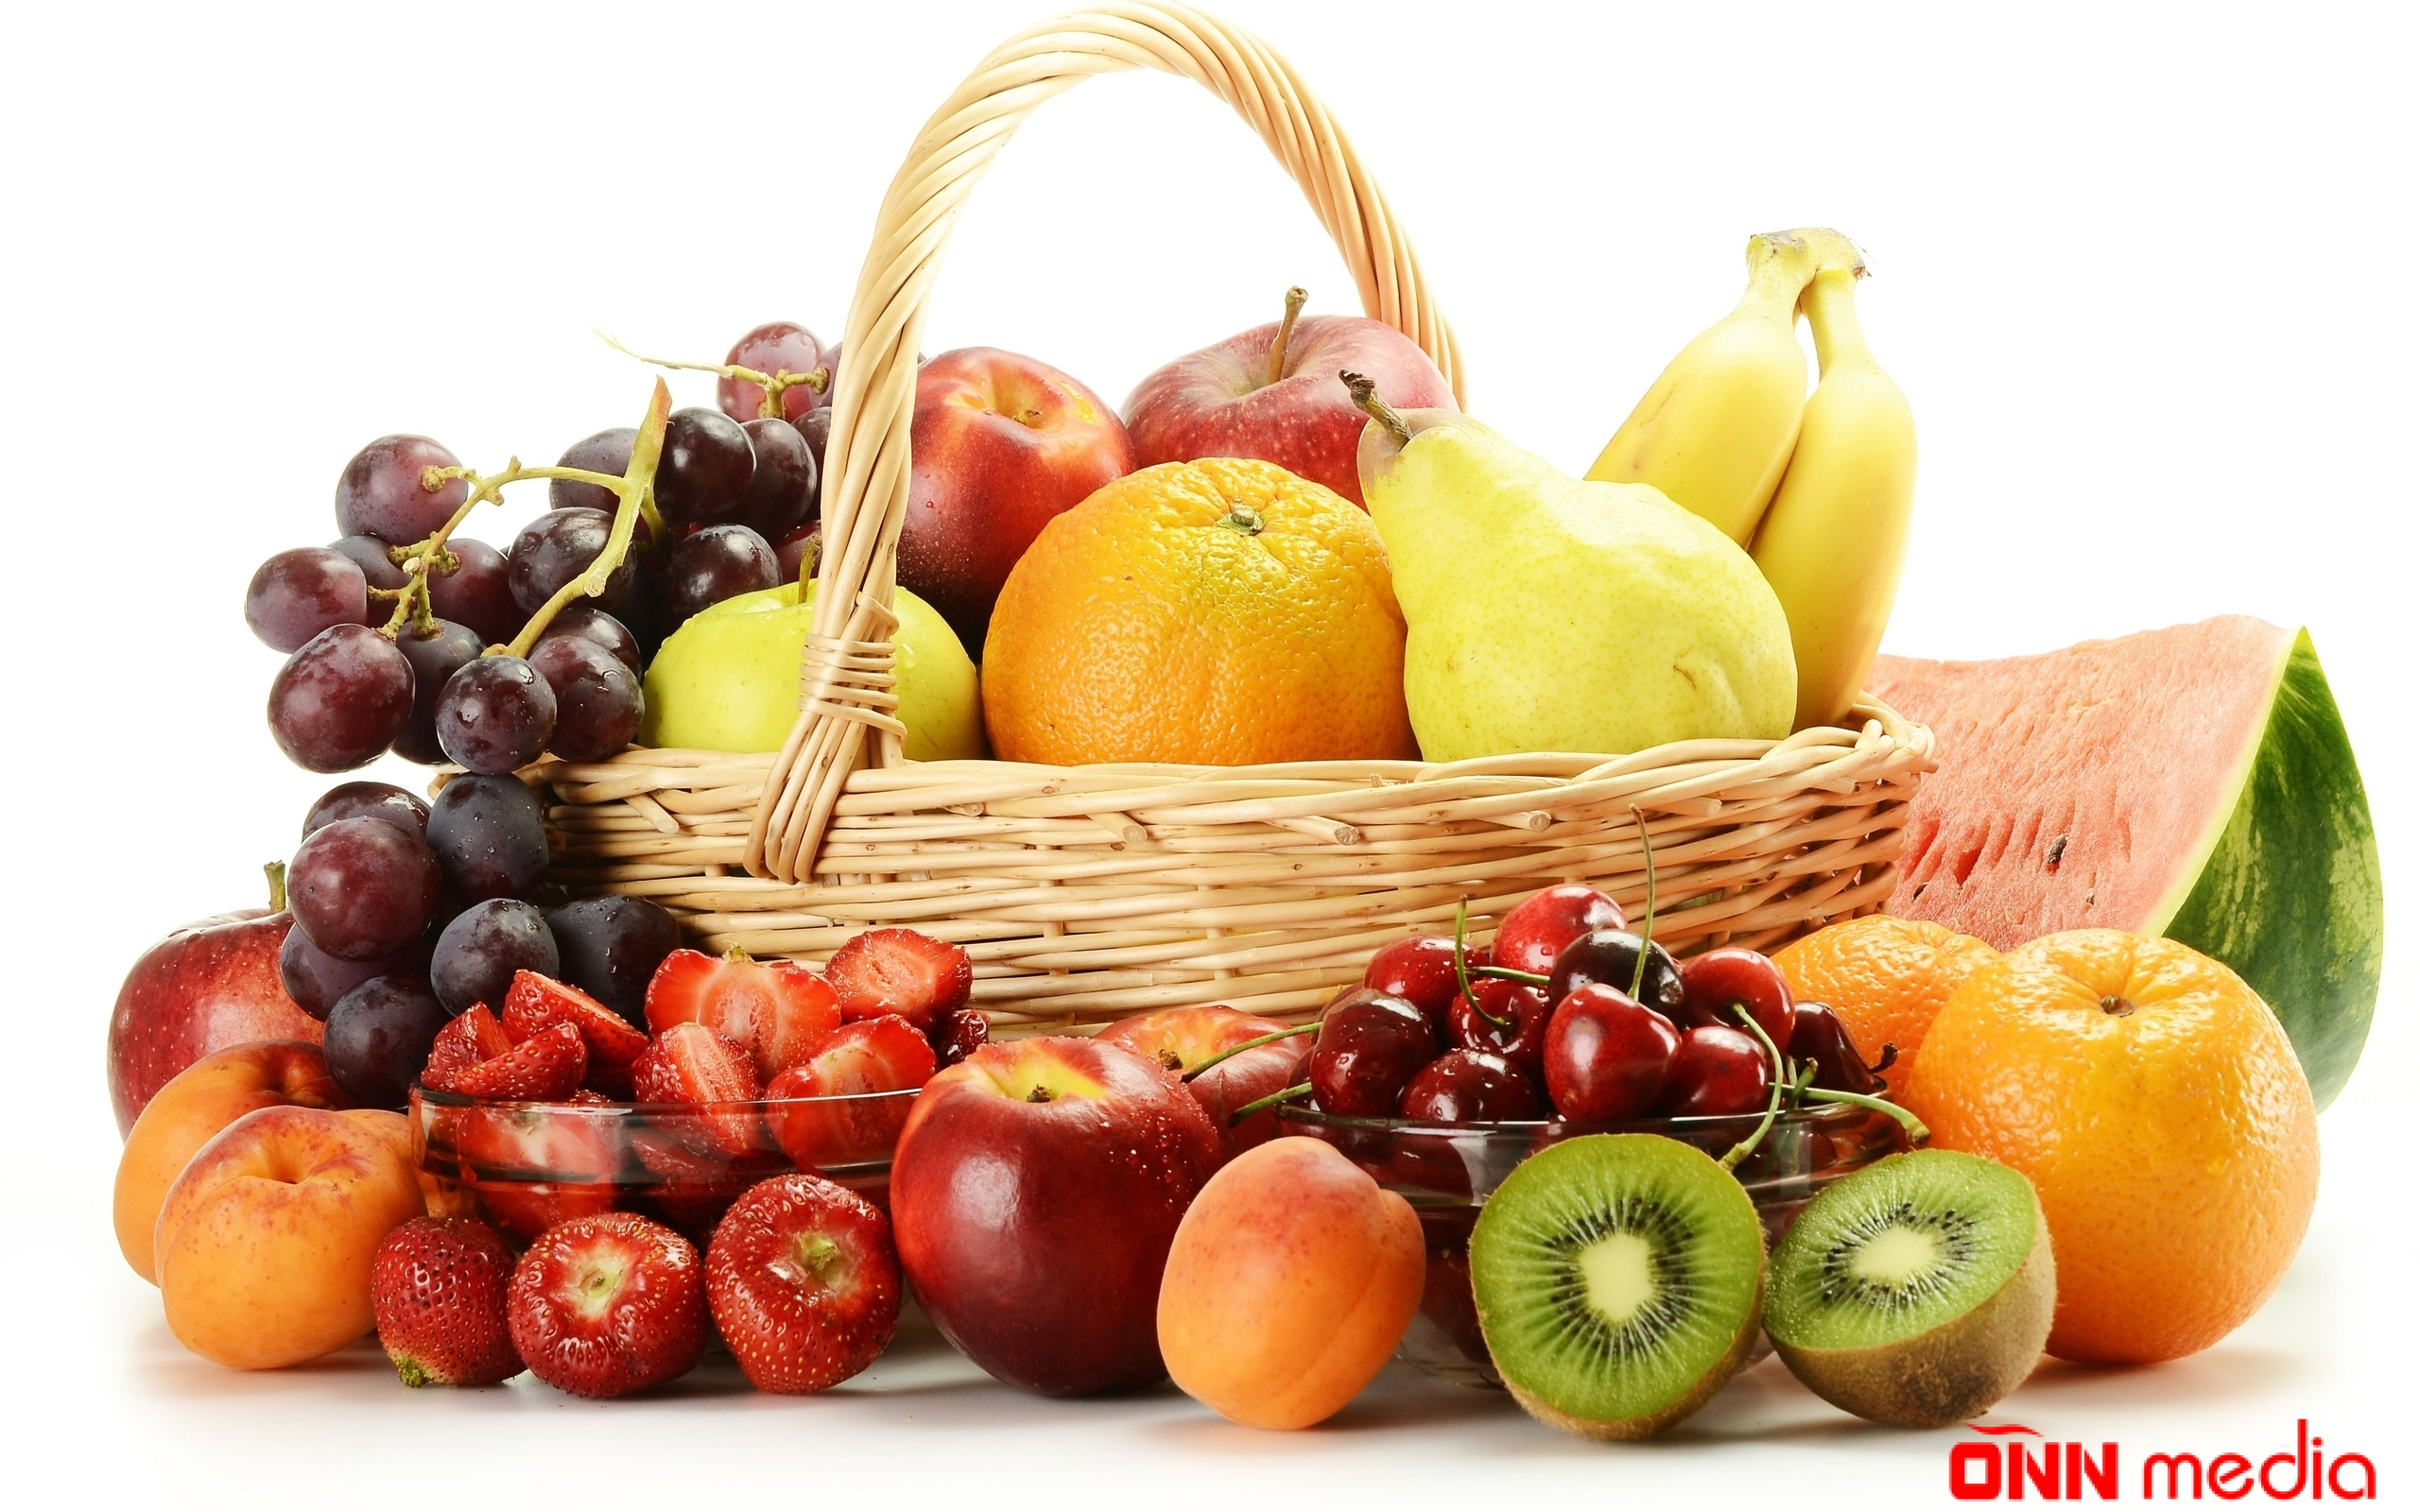 Meyvəni 10 dəqiqə sirkəli suda saxlasanız…